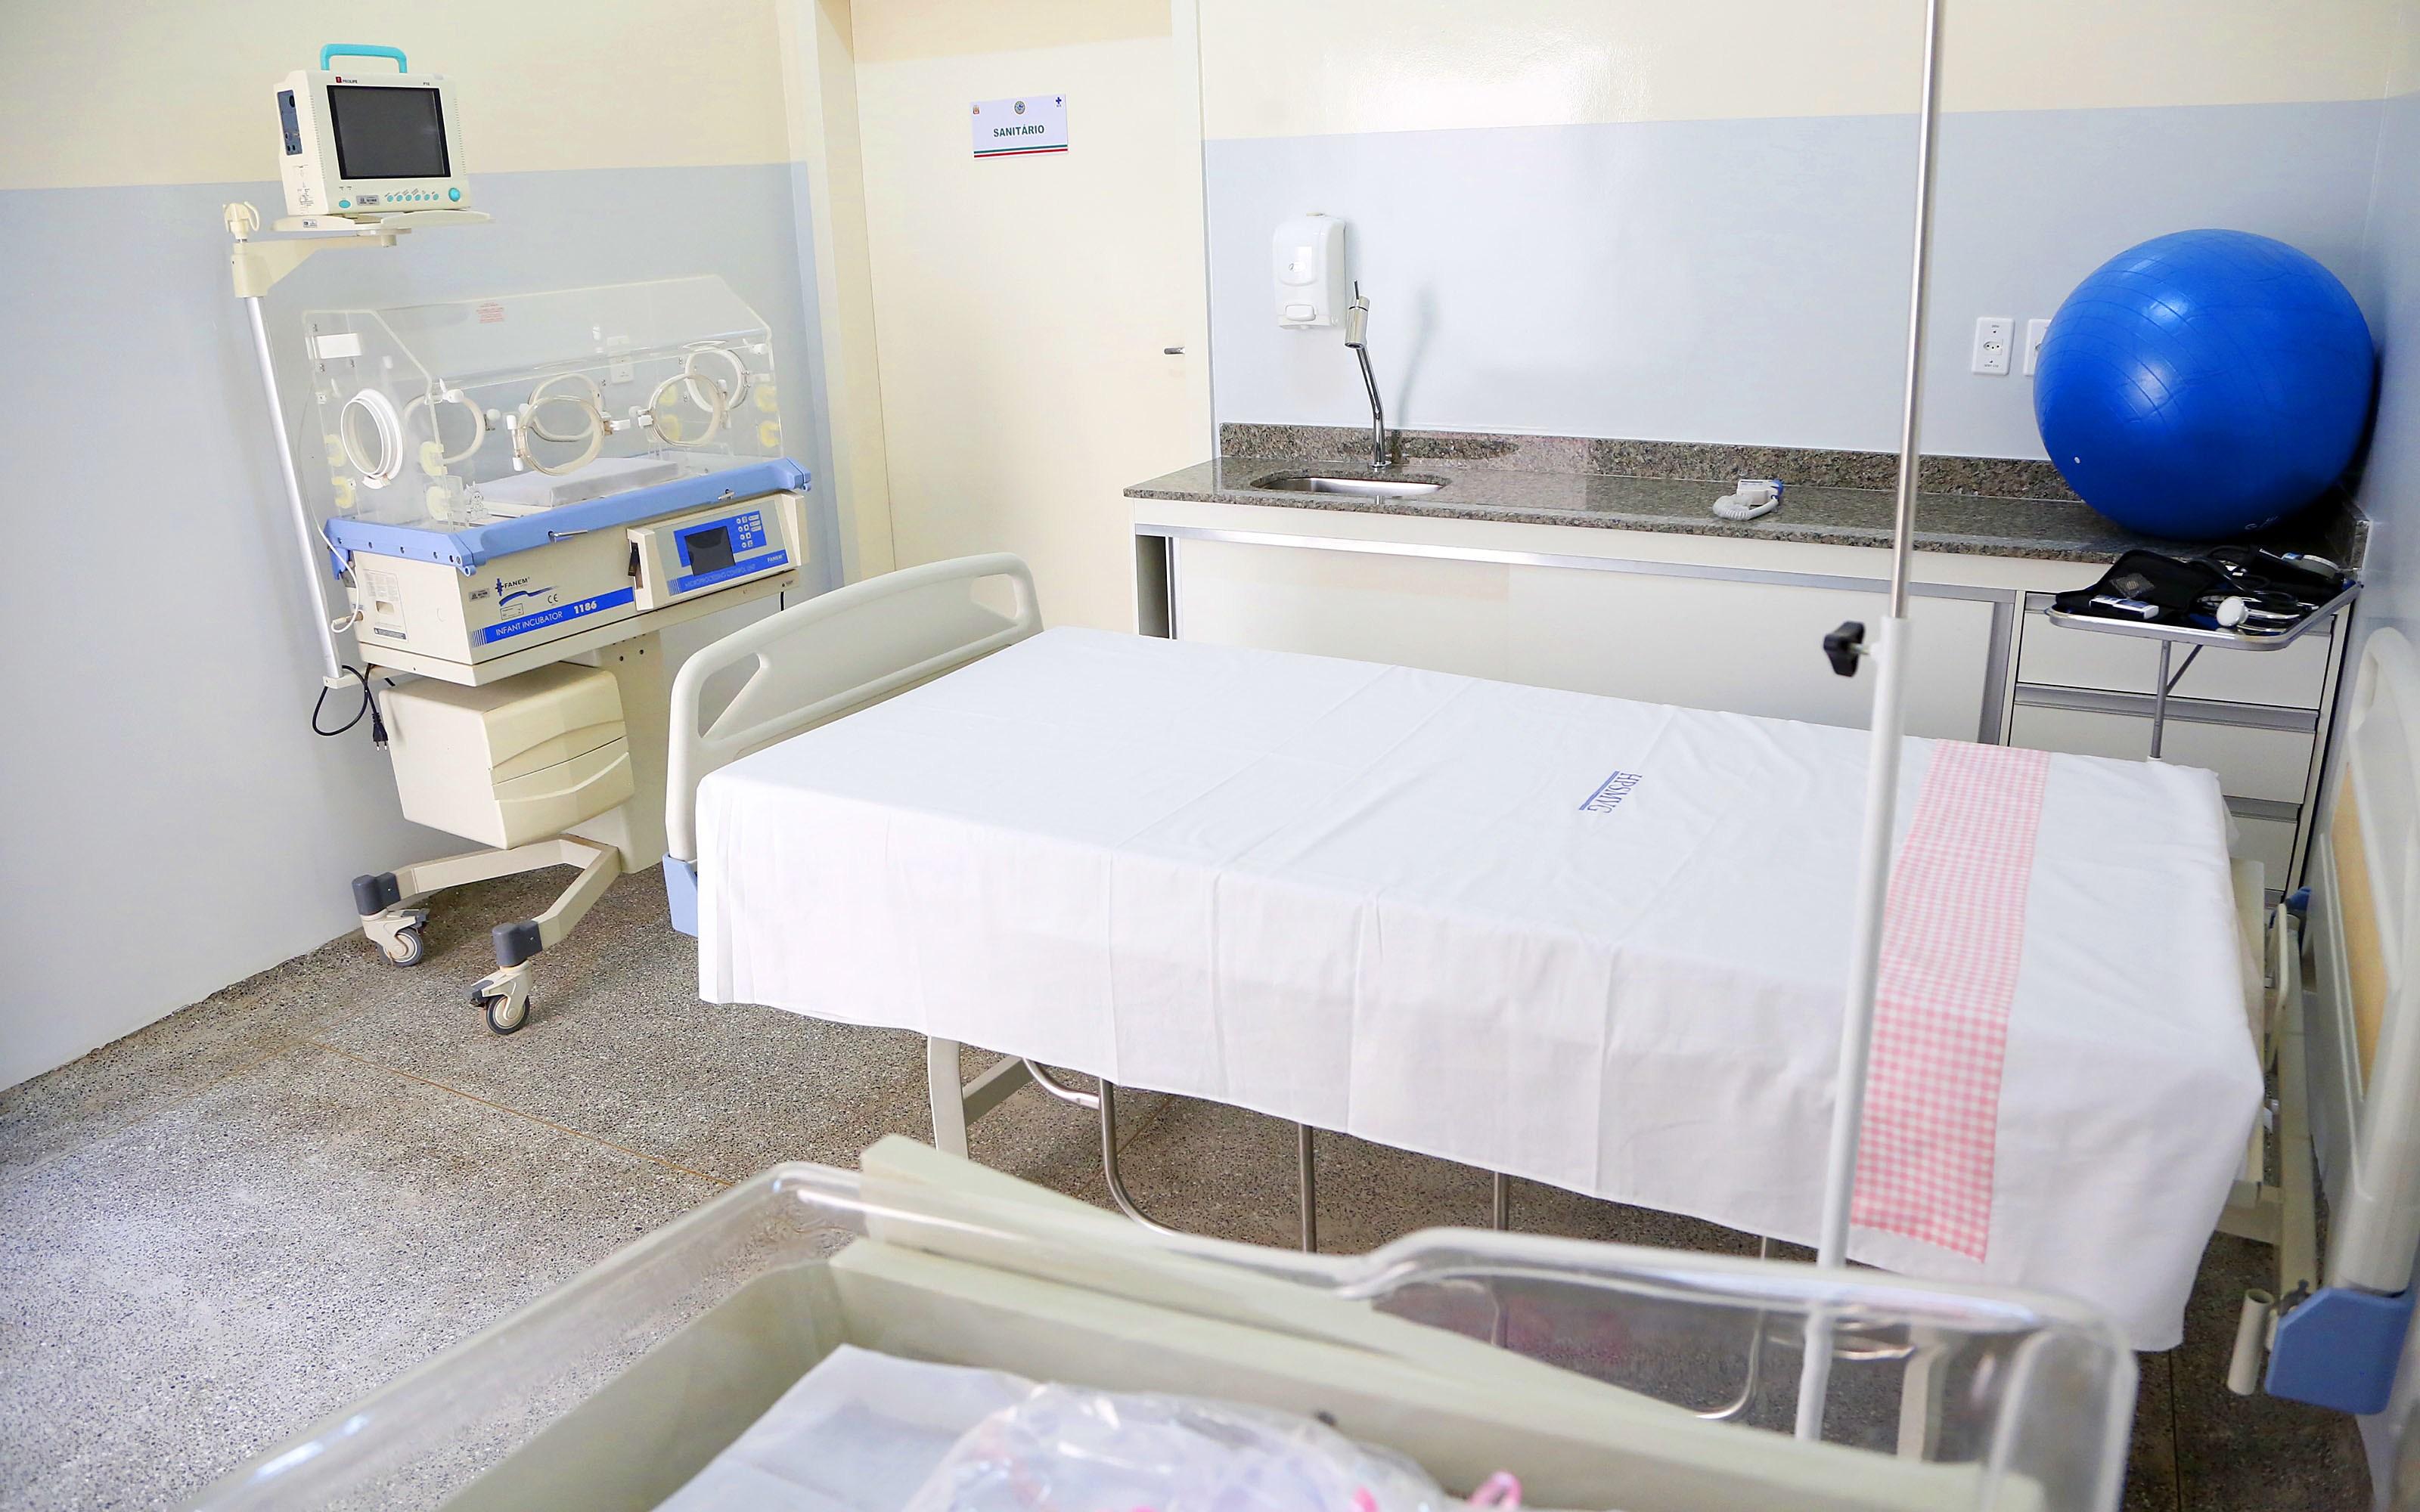 Prefeita anuncia pacote de obras na Saúde com investimentos de R$ 25 mi